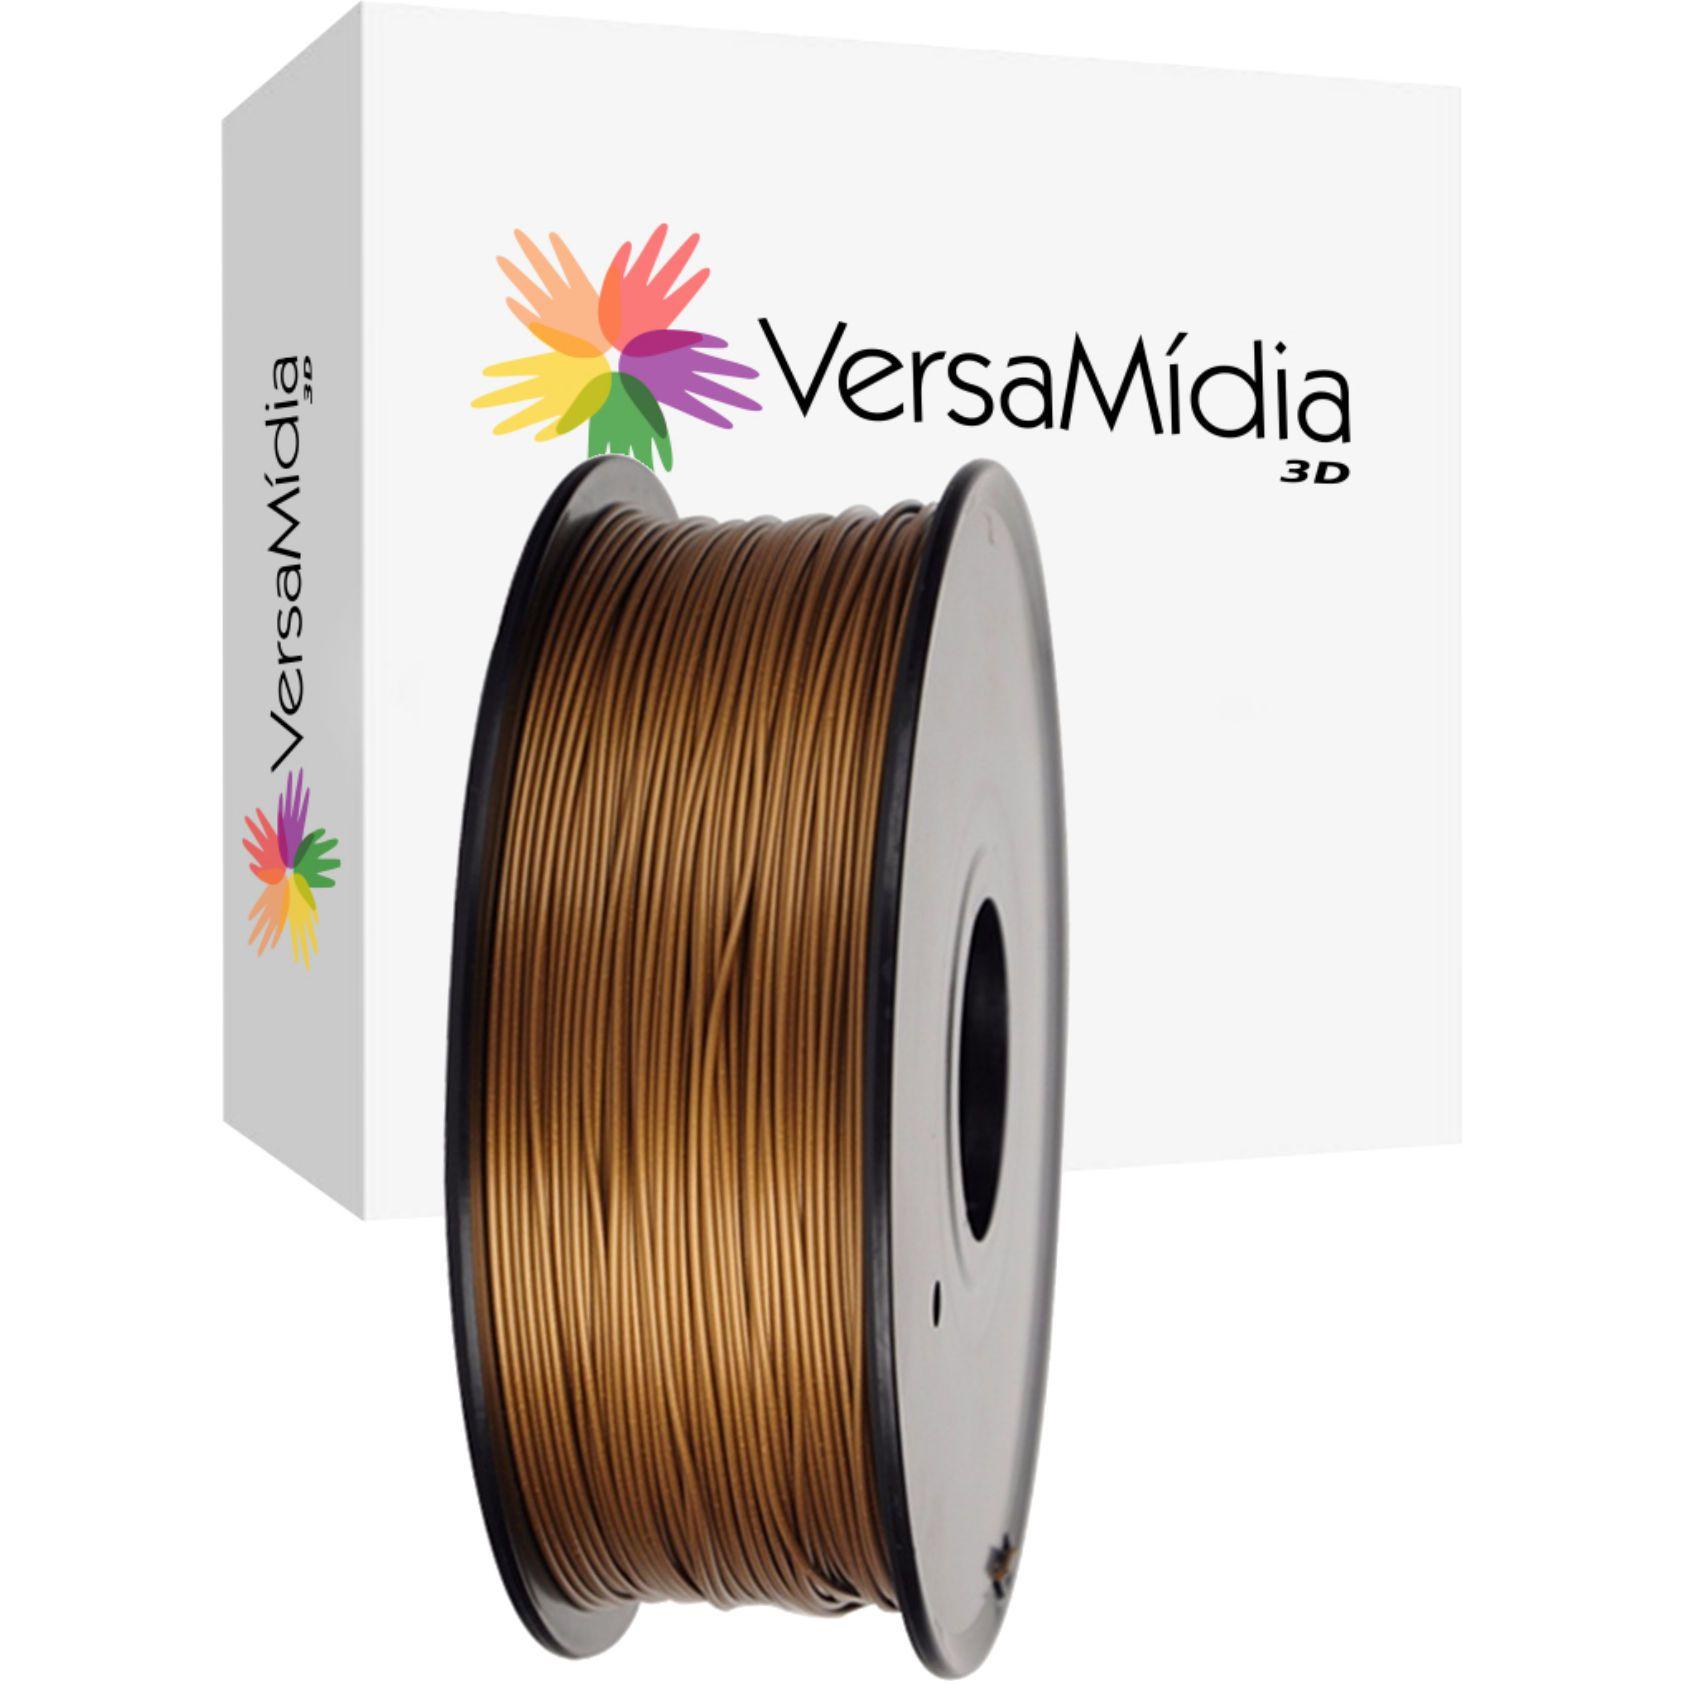 Filamento Metal + PLA  (Cobre)  VersaMídia 3D Premium  1.75mm Black Spool